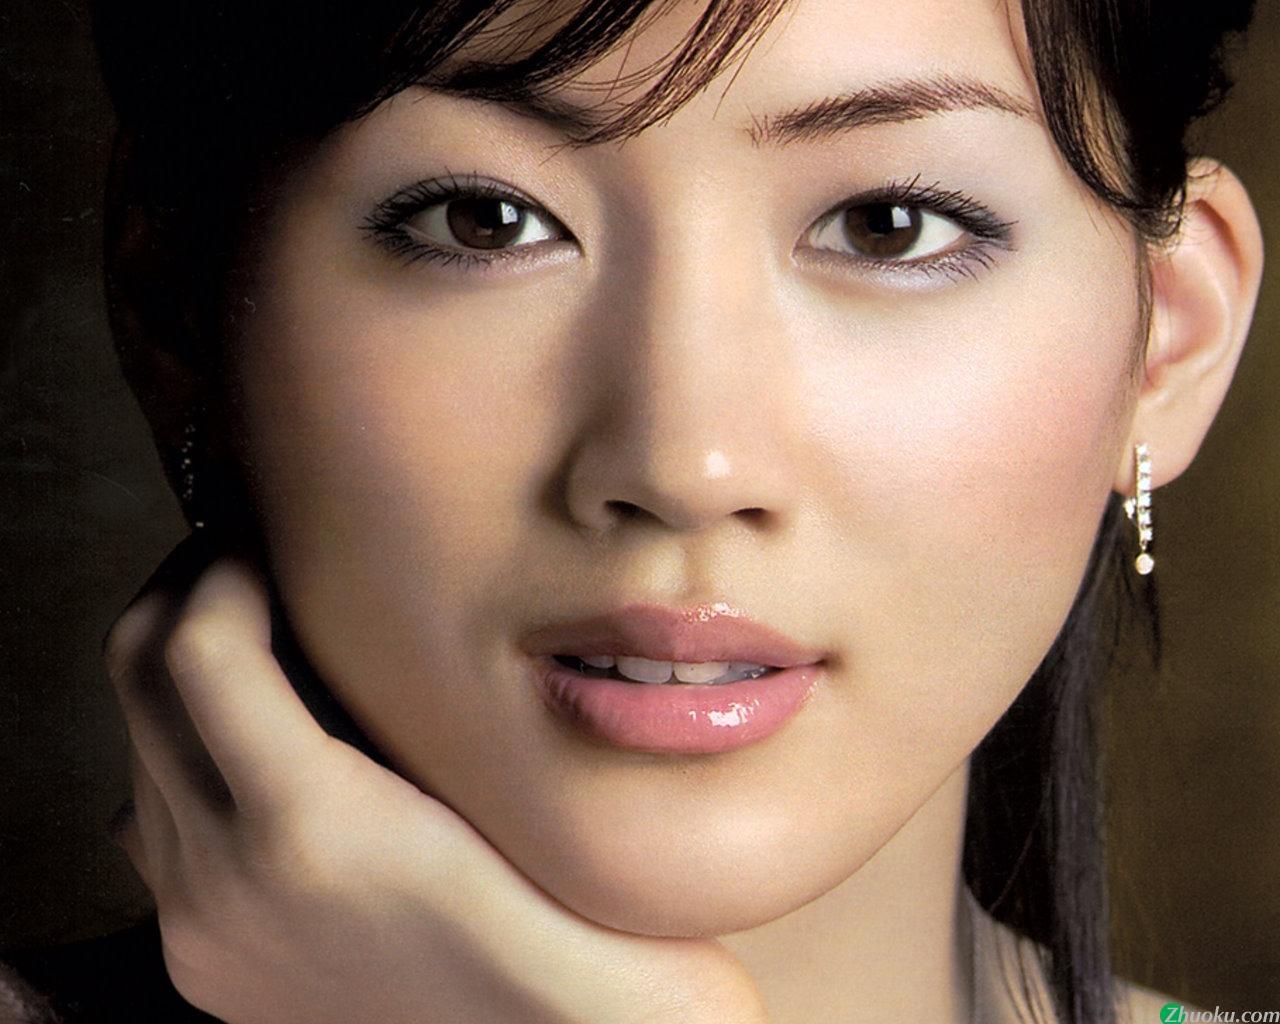 女優・綾瀬はるかの熱愛彼氏とは一体誰?歴代人物も含め検証!のサムネイル画像